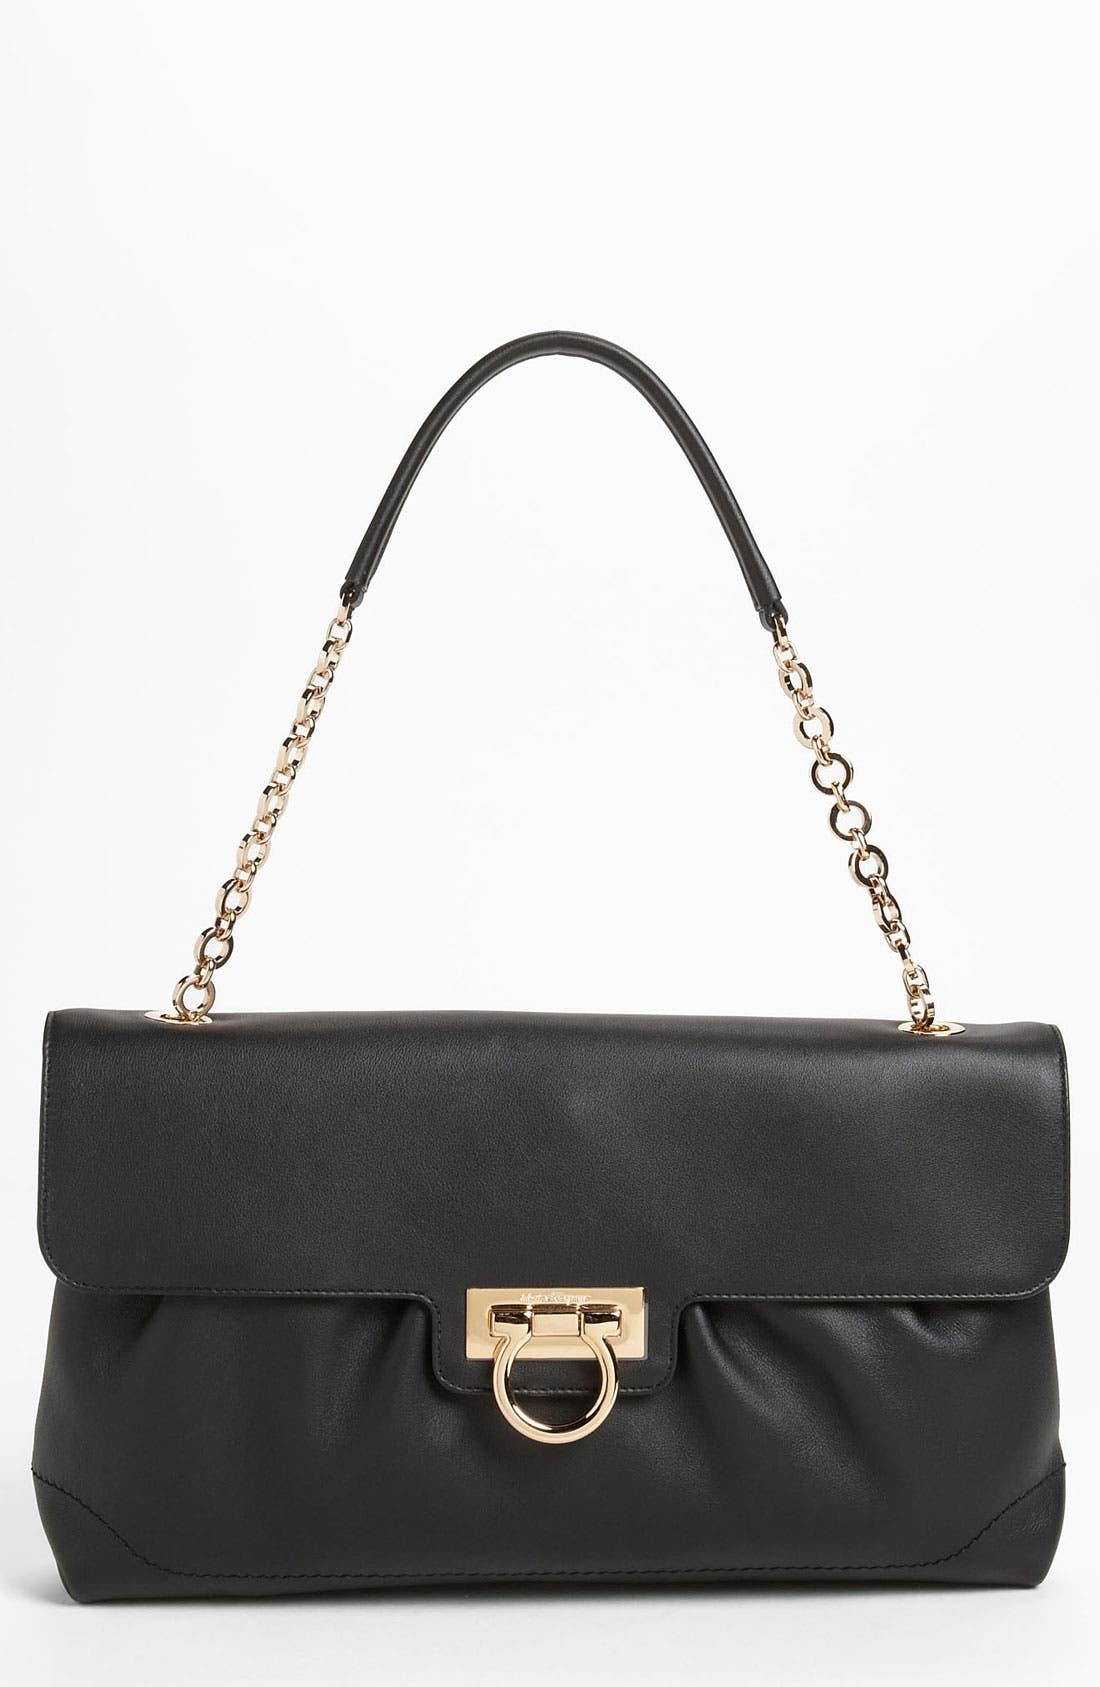 Main Image - Salvatore Ferragamo Chain Strap Leather Shoulder Bag